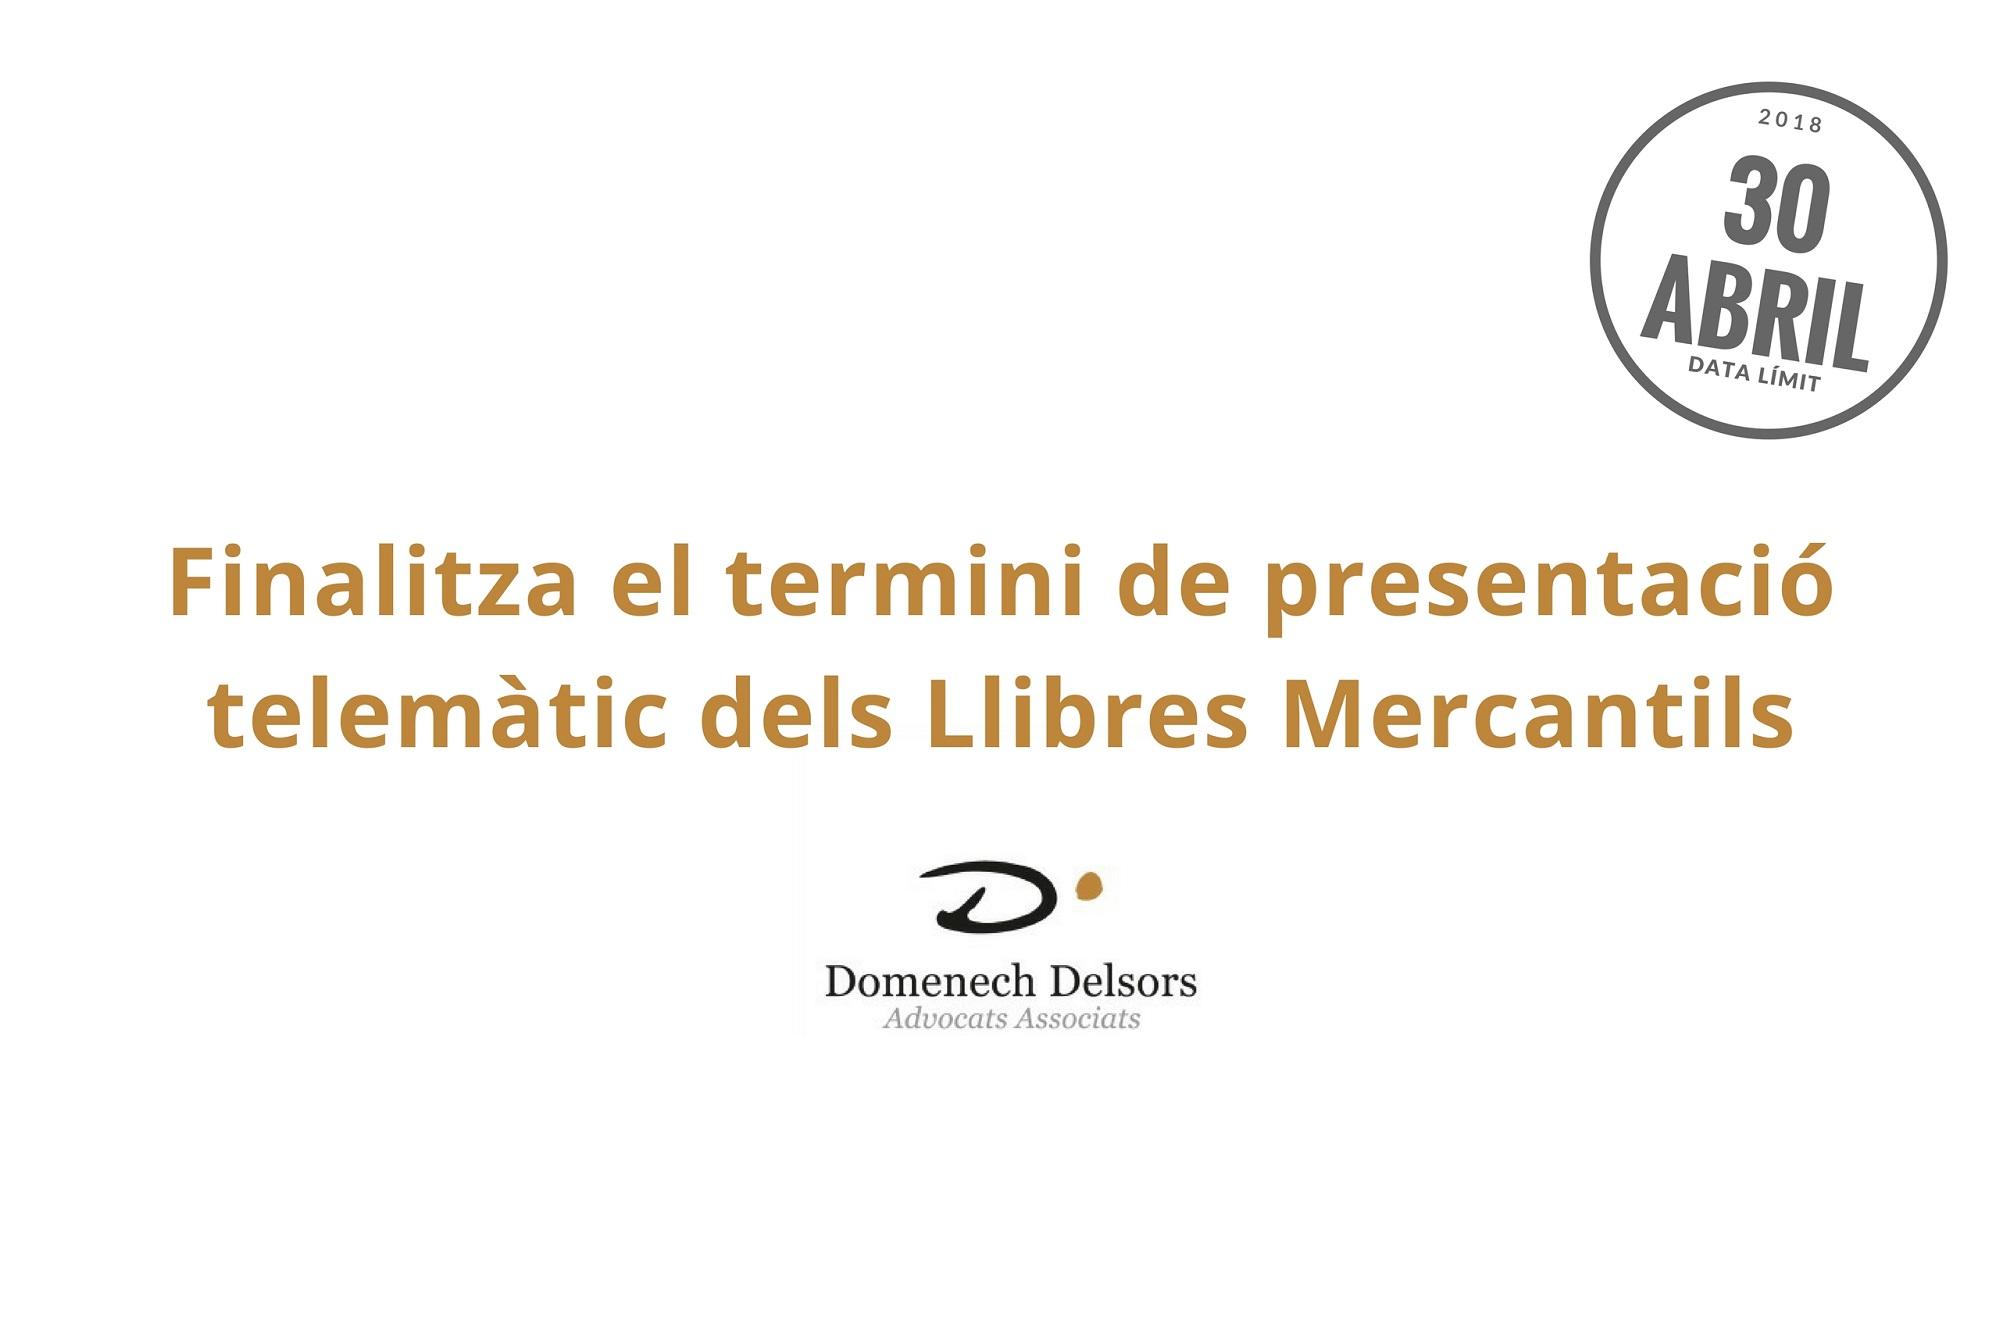 30 D'abril 2018: Finalitza El Termini De Presentació Telemàtic Dels Llibres Mercantils